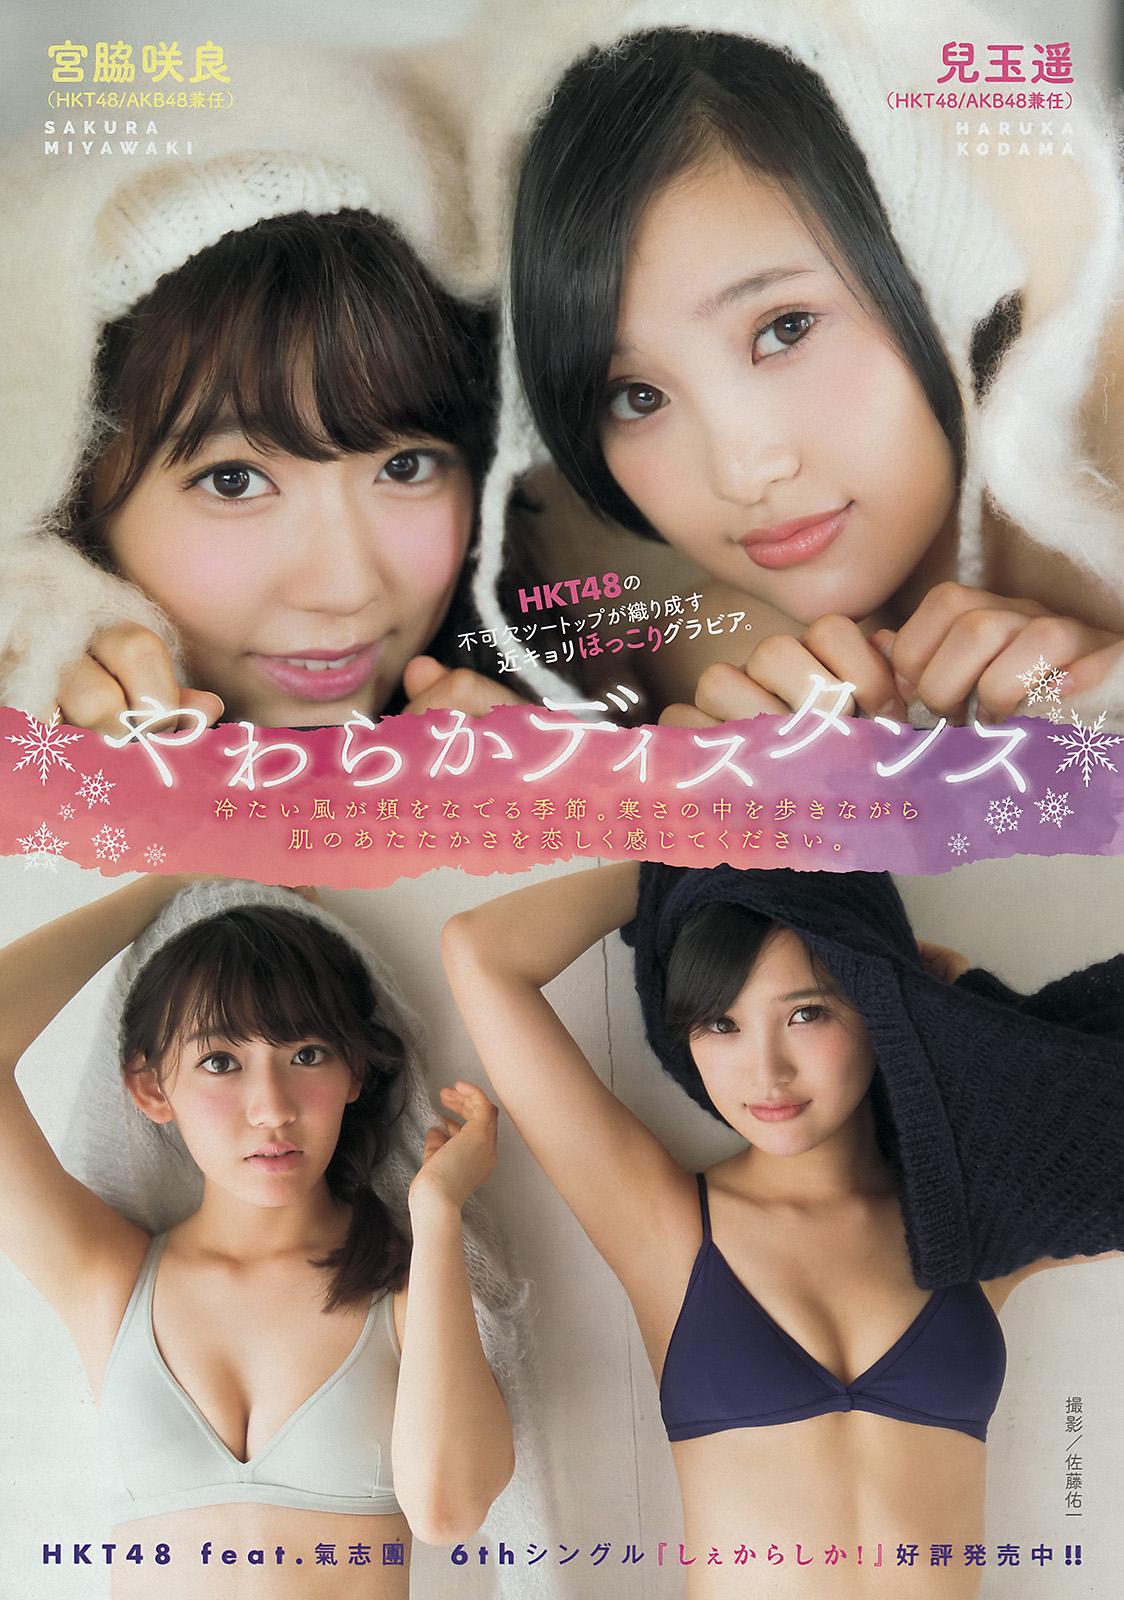 HKT48 Miyawaki Sakura 宮脇咲良 x Kodama Haruka 兒玉遥 Young Magazine No 53 2015 01